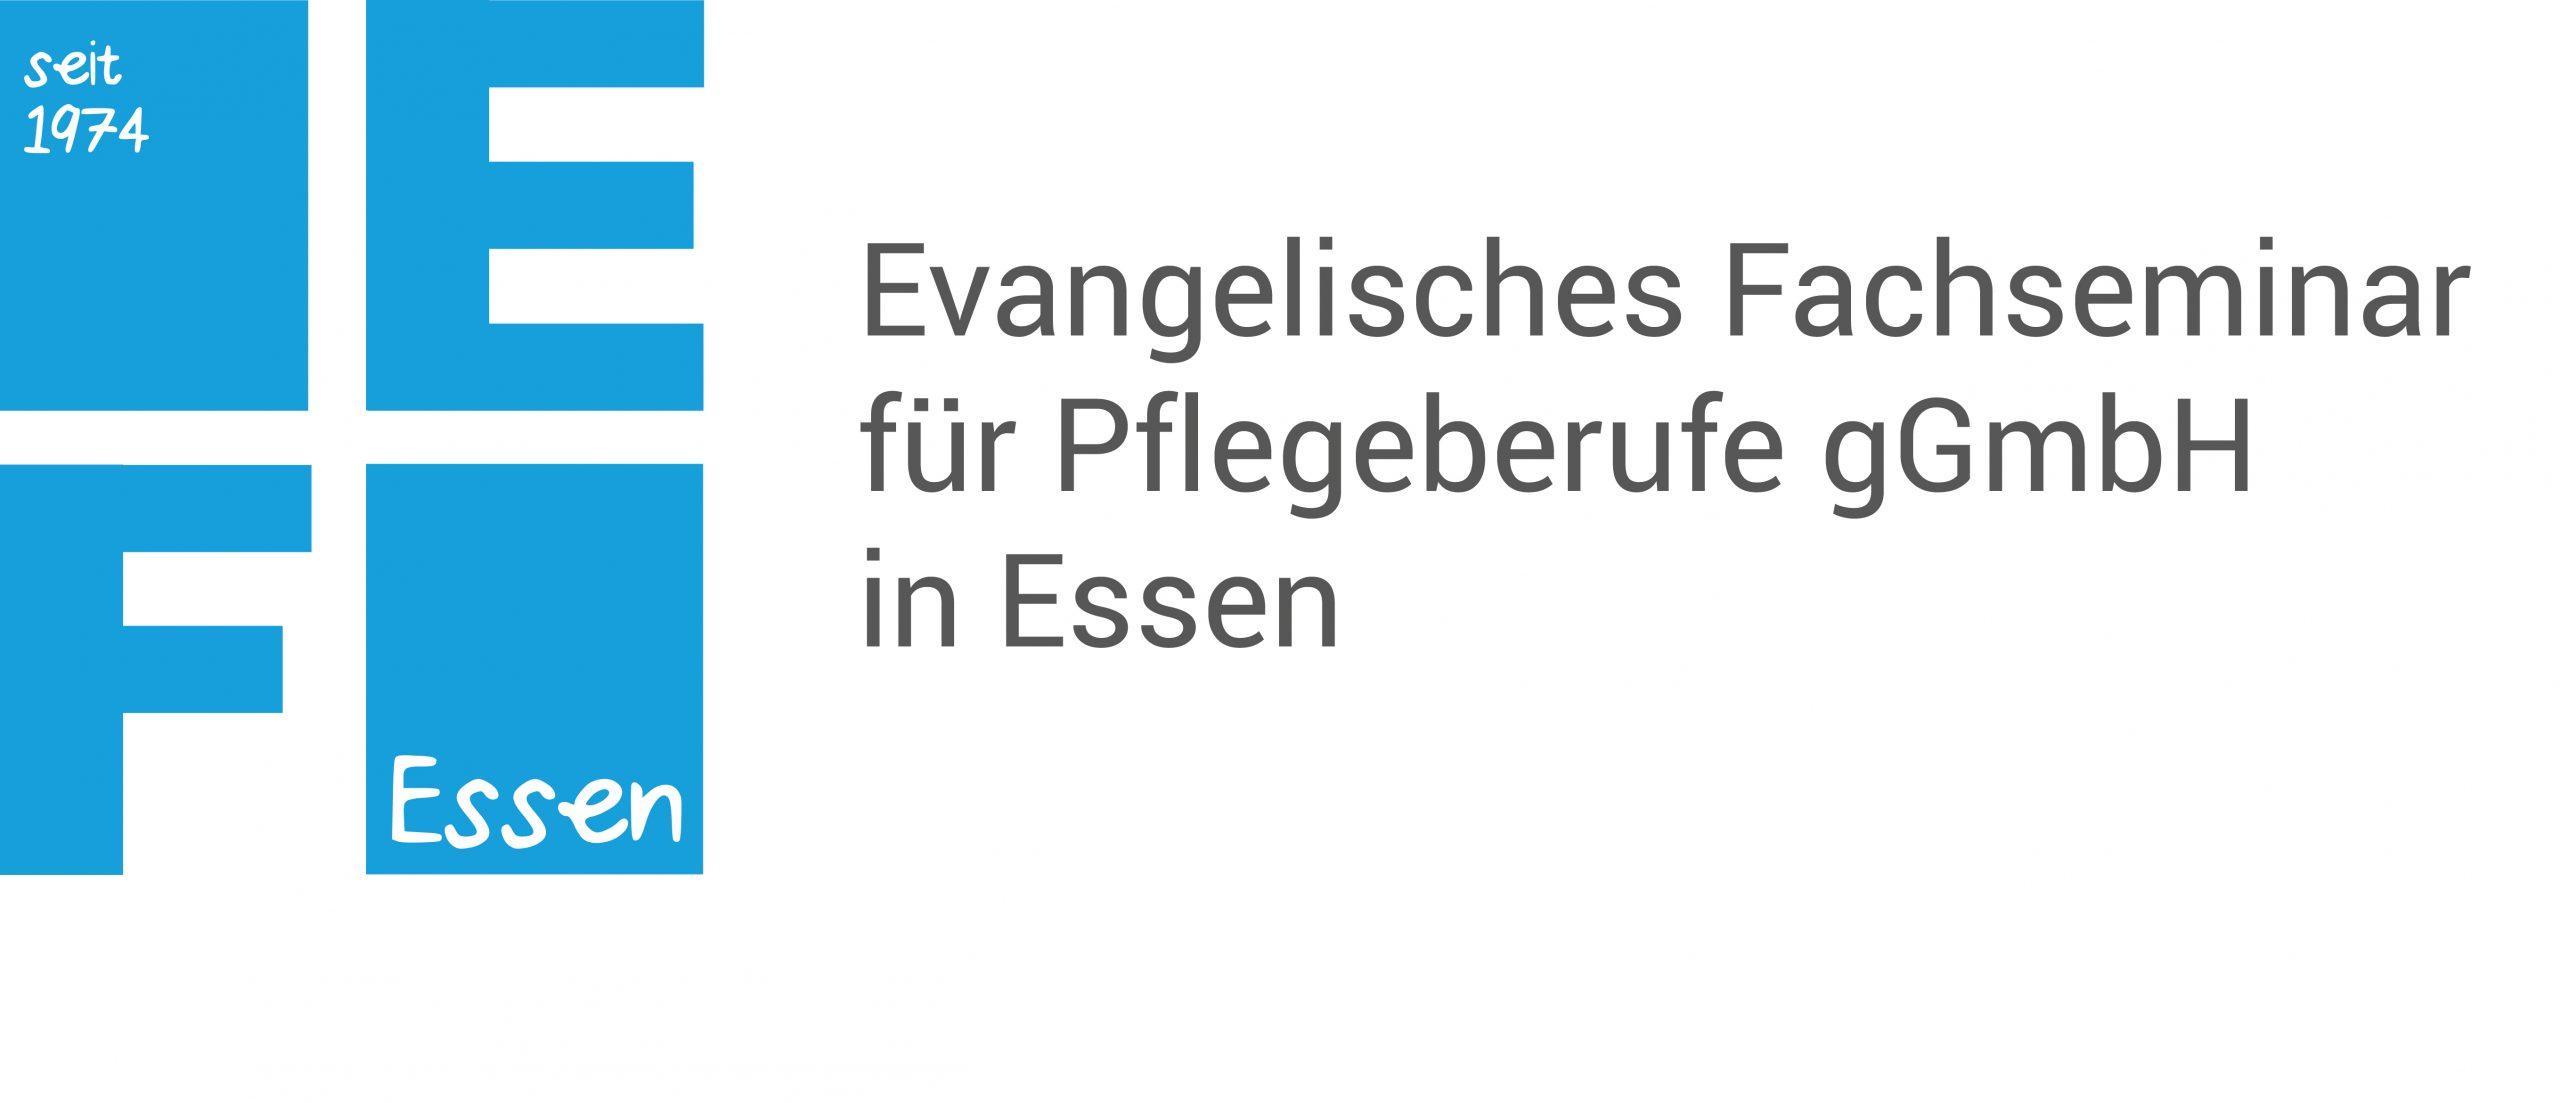 Evangelisches Fachseminar für Pflegeberufe gGmbH in Essen